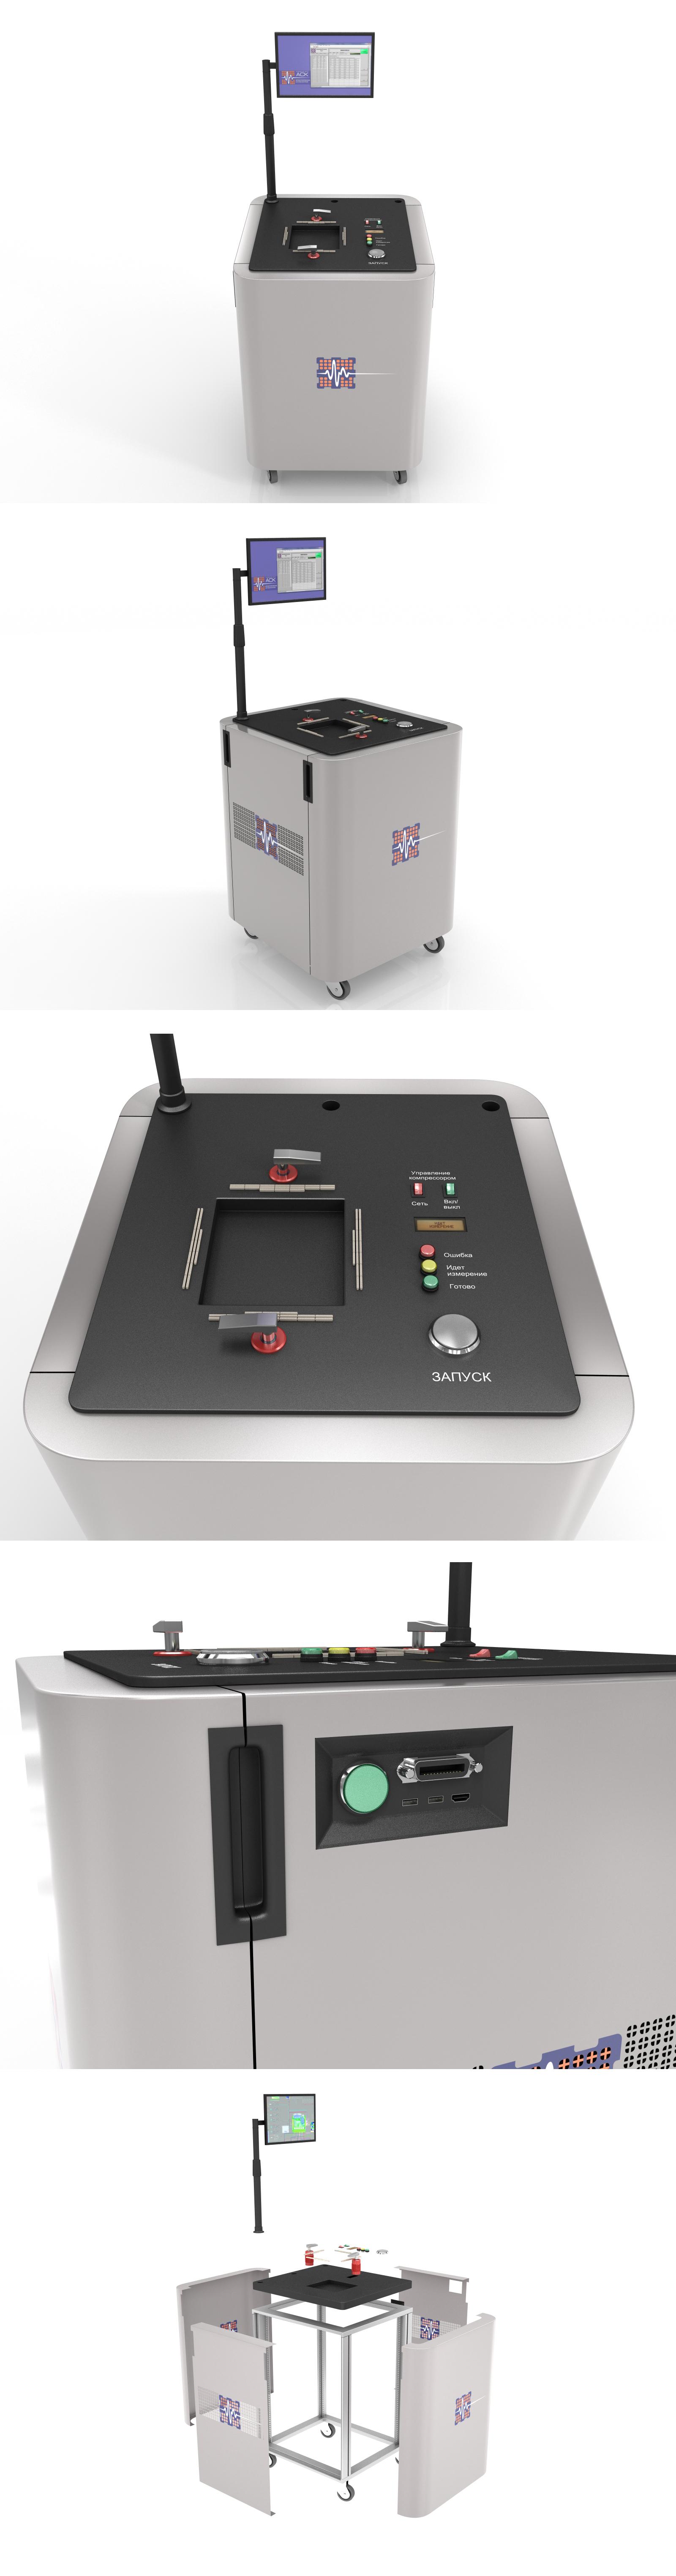 Дизайн корпуса тестера микроэлектроники